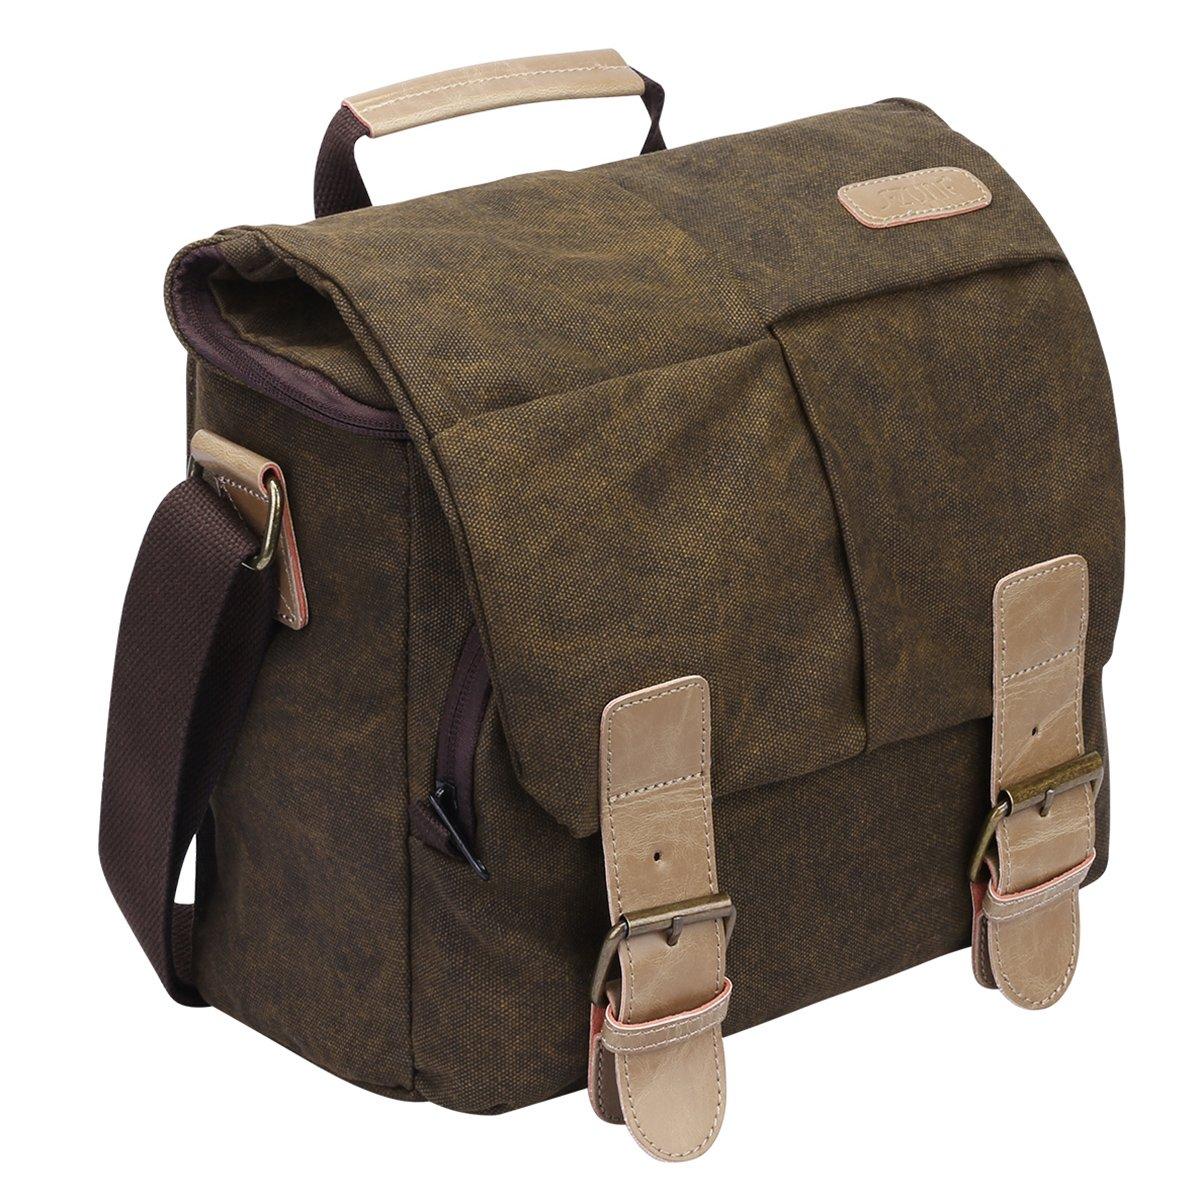 S ZONE Vintage Waterproof Canvas Leather Trim DSLR SLR Shockproof Camera Shoulder Messenger Bag